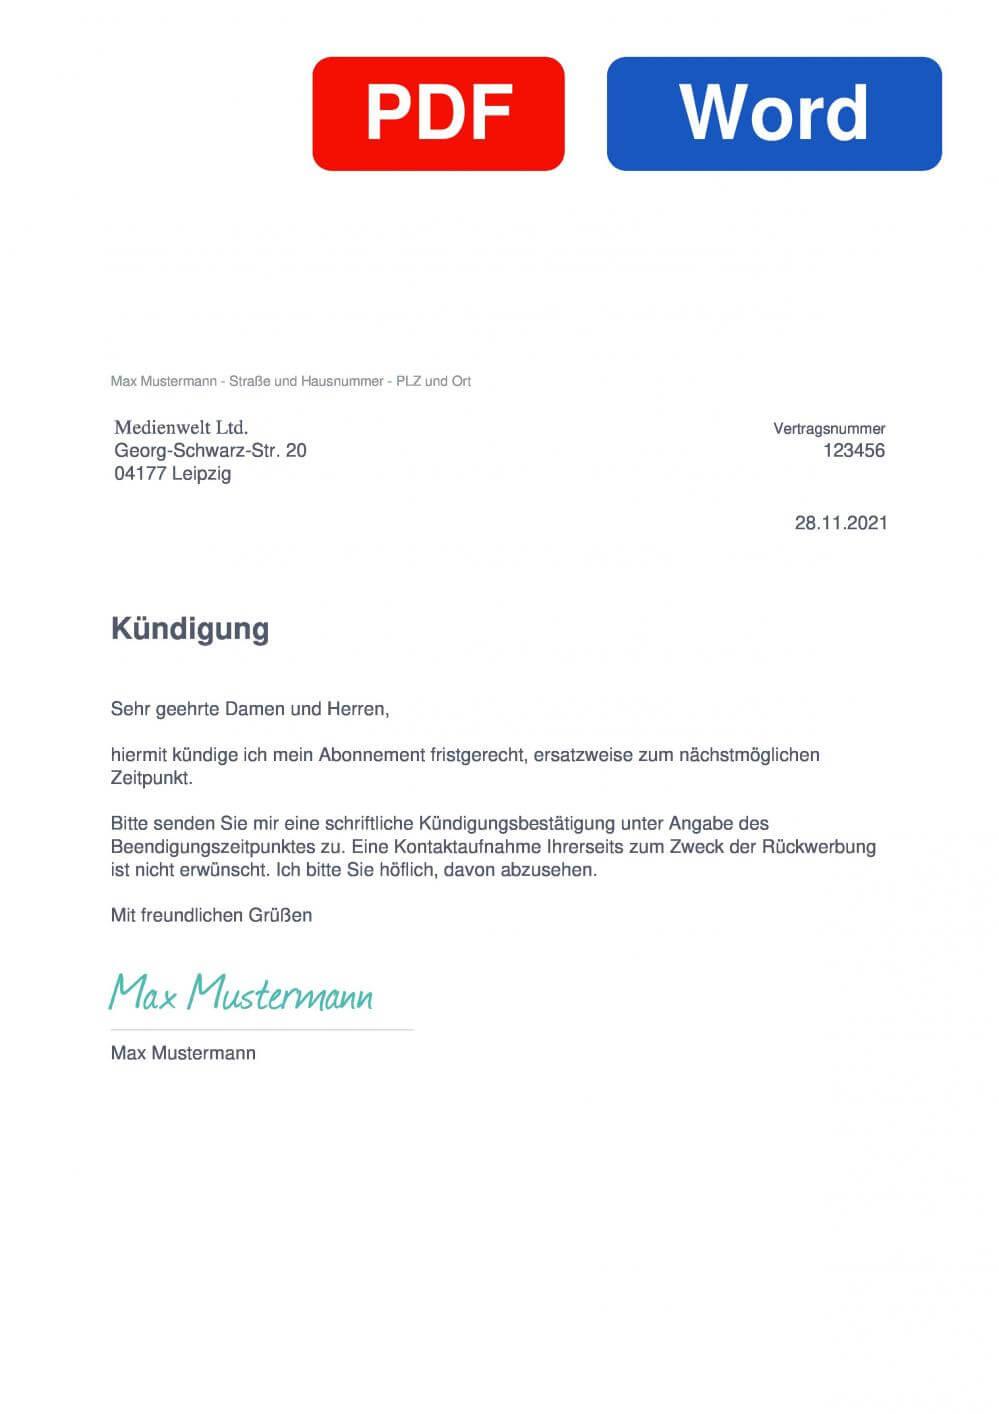 Medienwelt Ltd. Muster Vorlage für Kündigungsschreiben